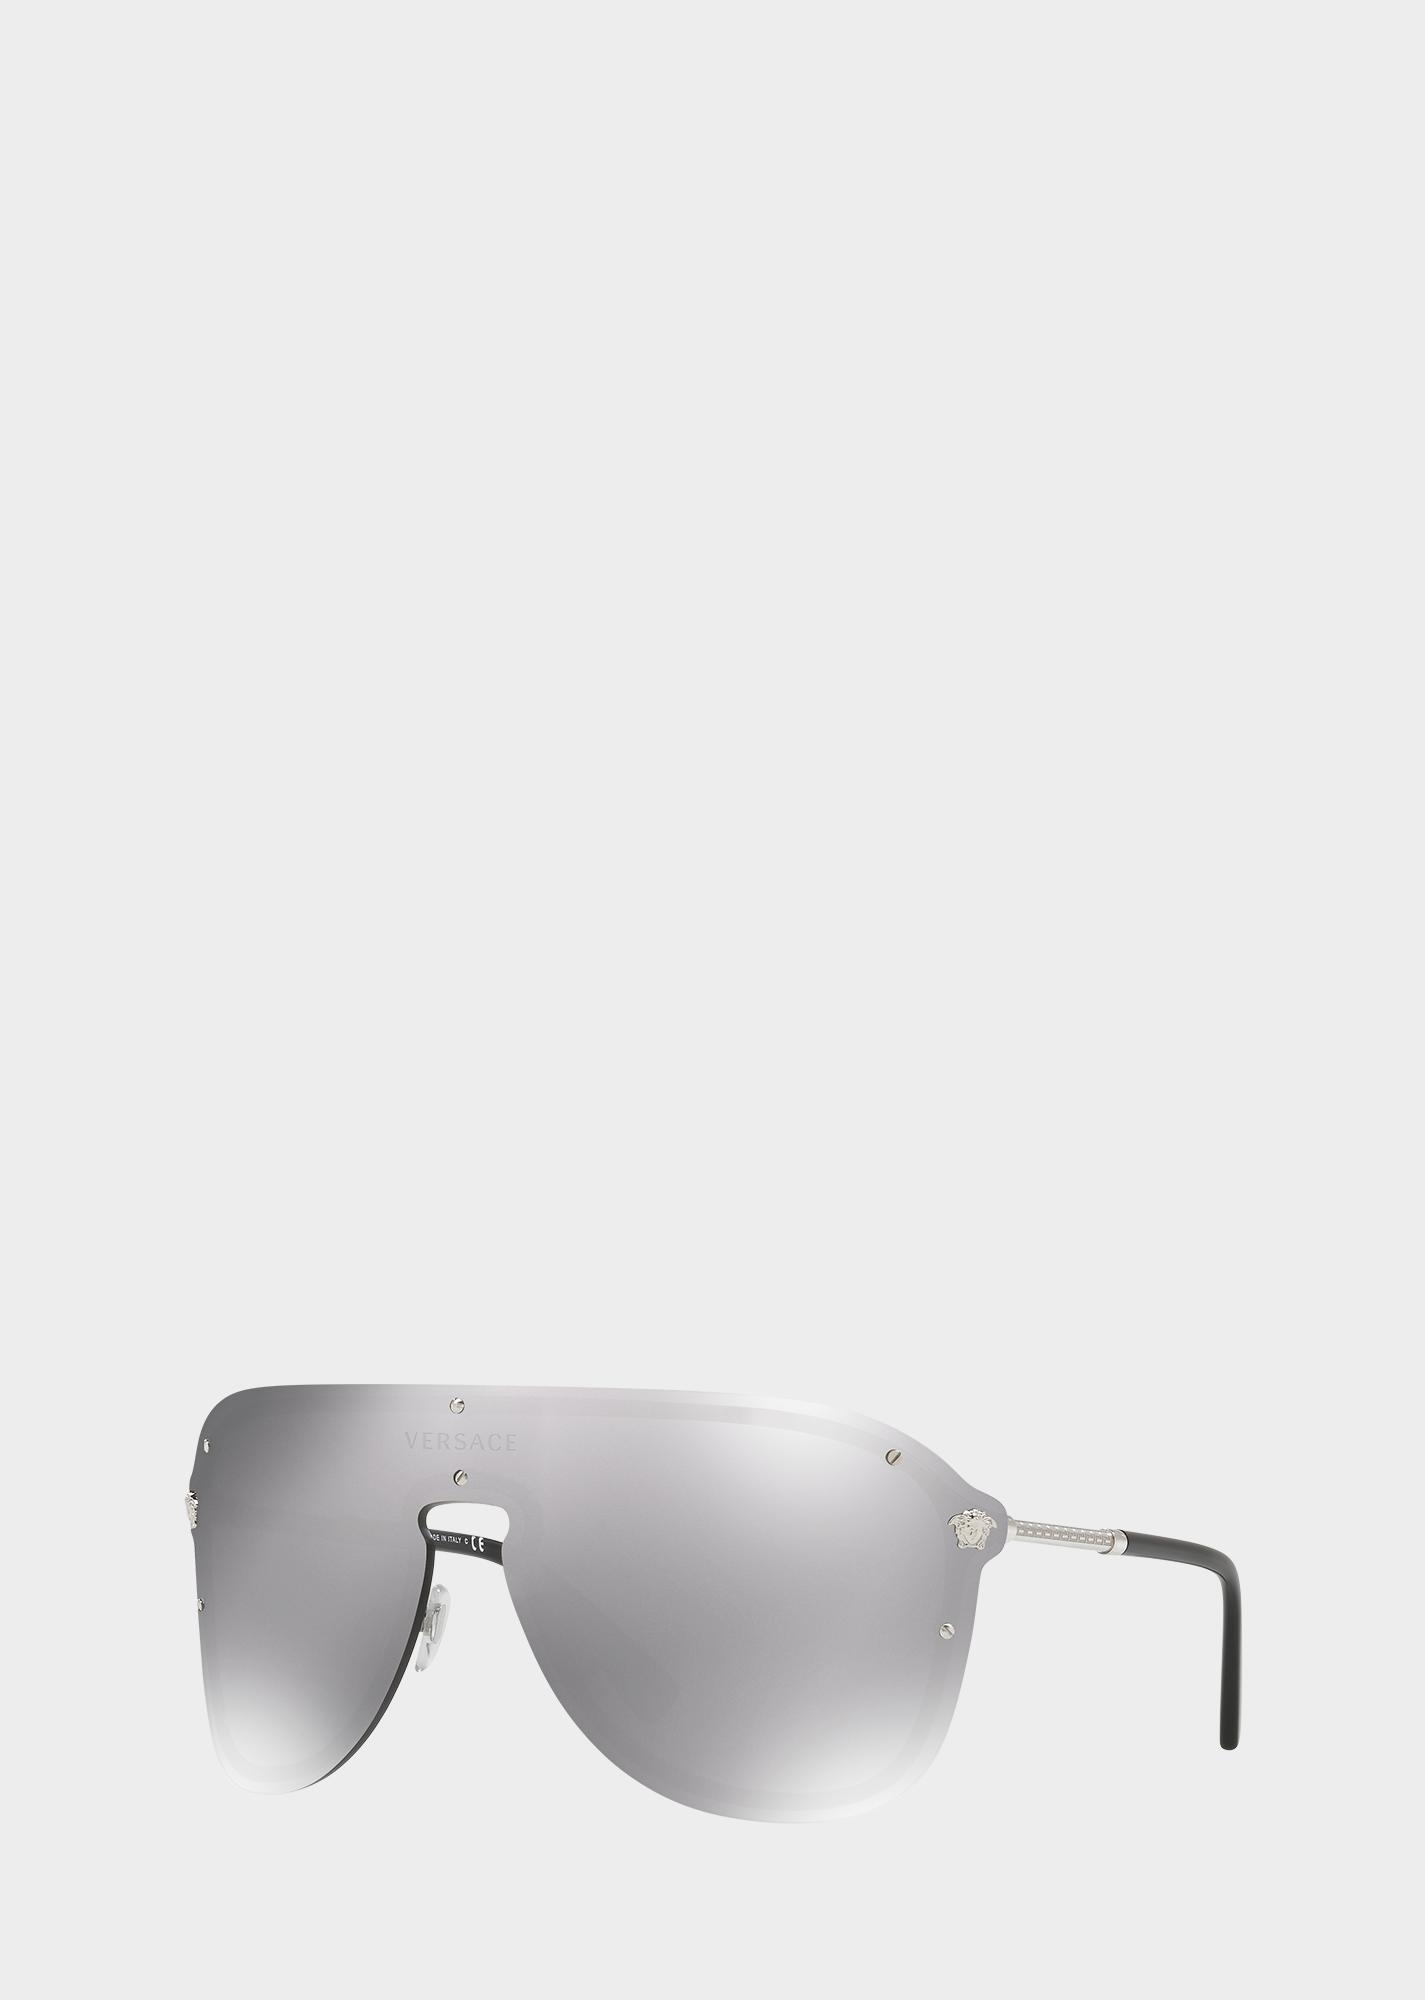 981cdb3dbb87 Silver #Frenergy Visor Sunglasses for Men | US Online Store in 2019 ...